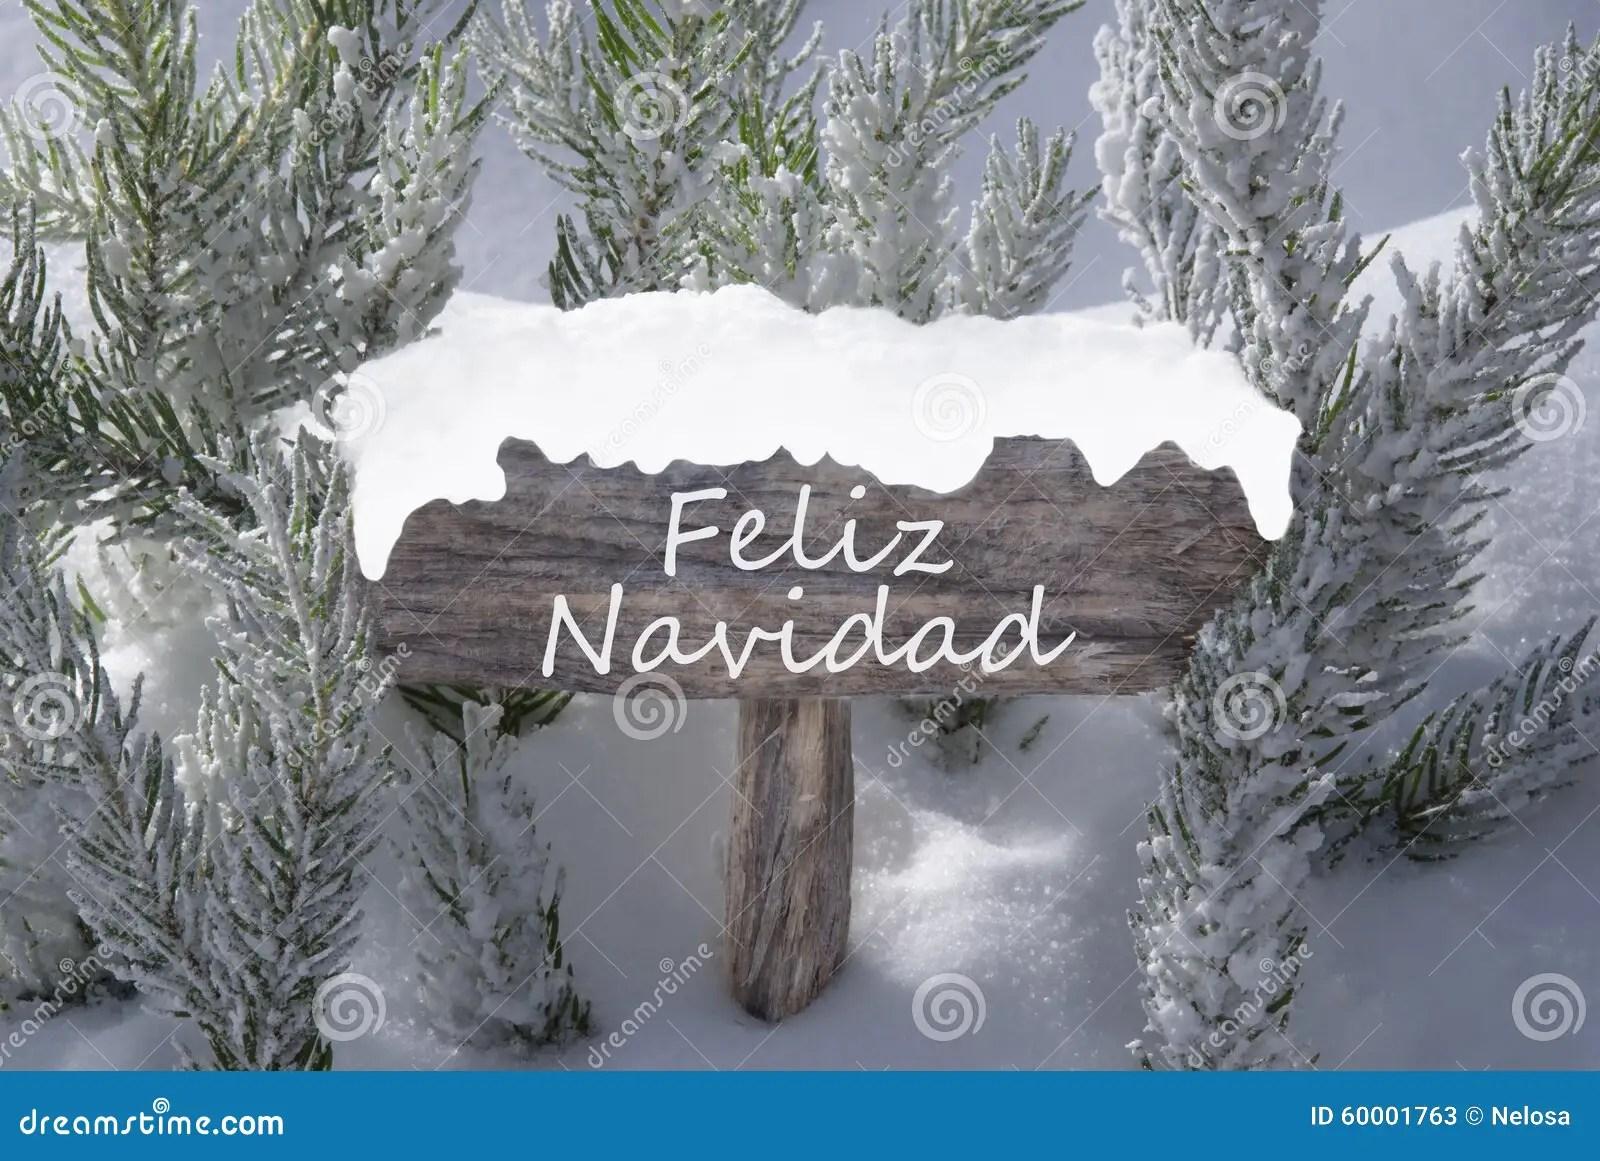 Sign Snow Fir Tree Feliz Navidad Means Merry Christmas